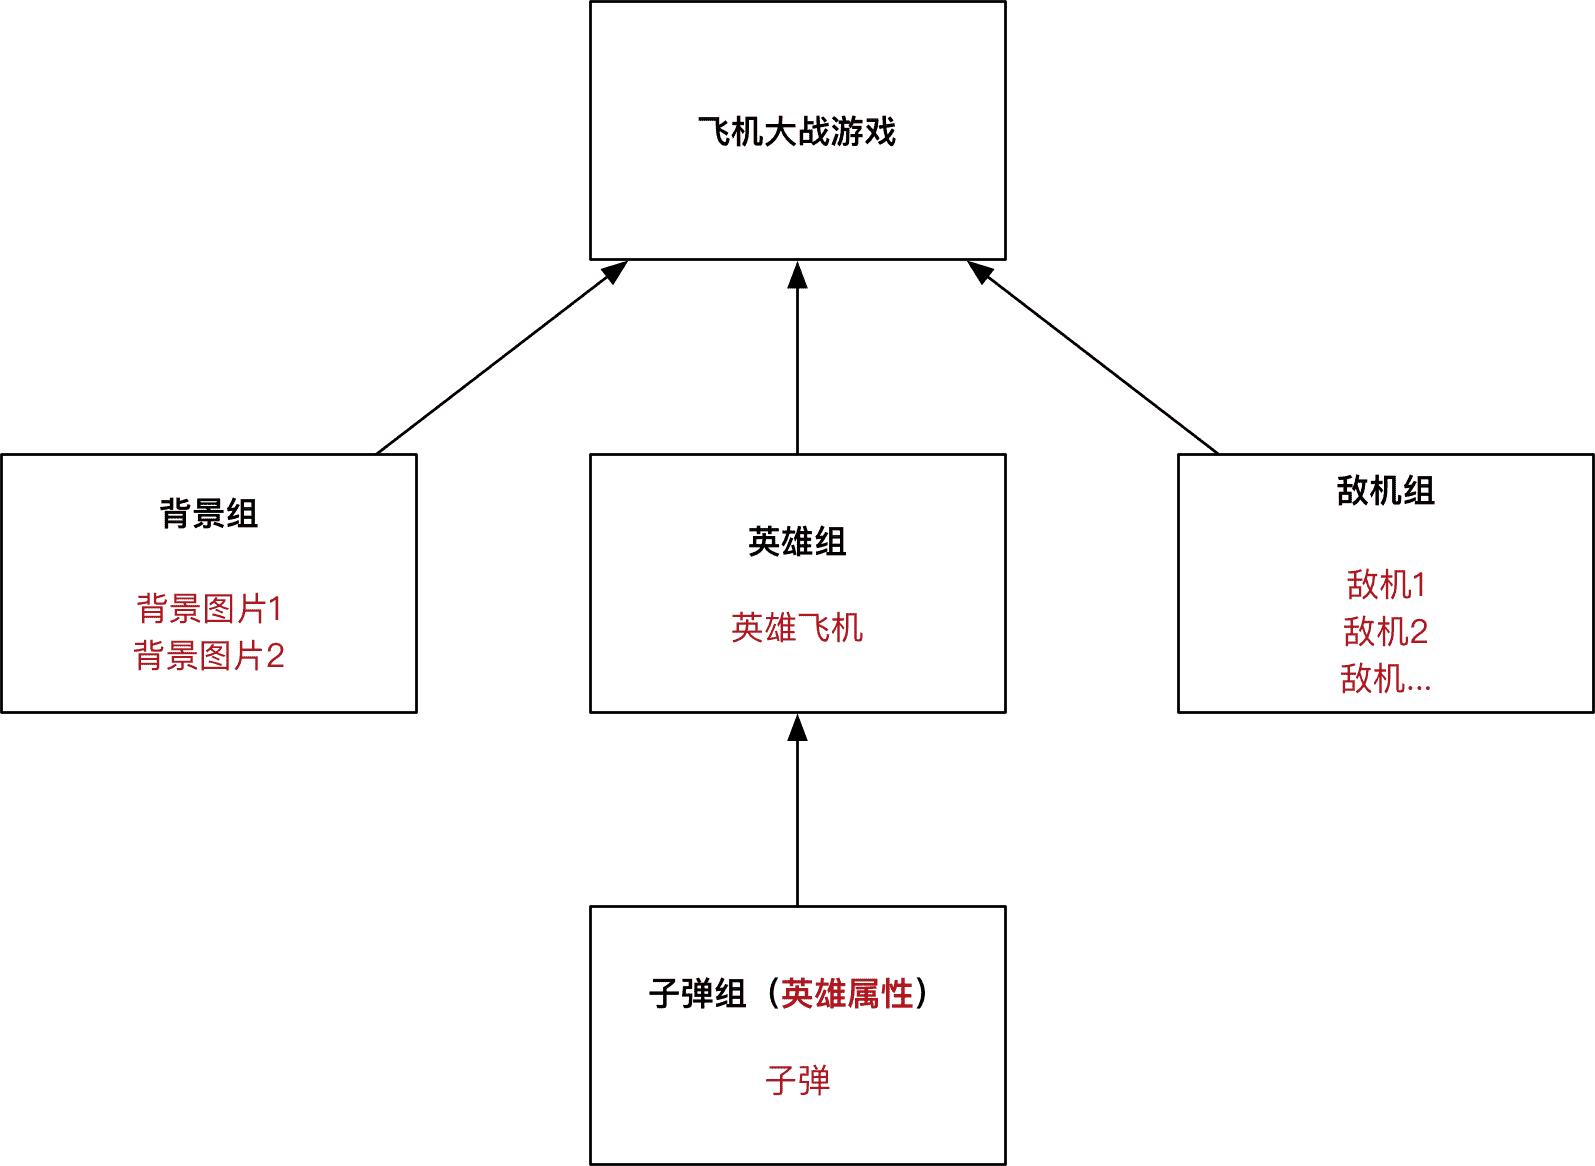 010_精灵组确定.png